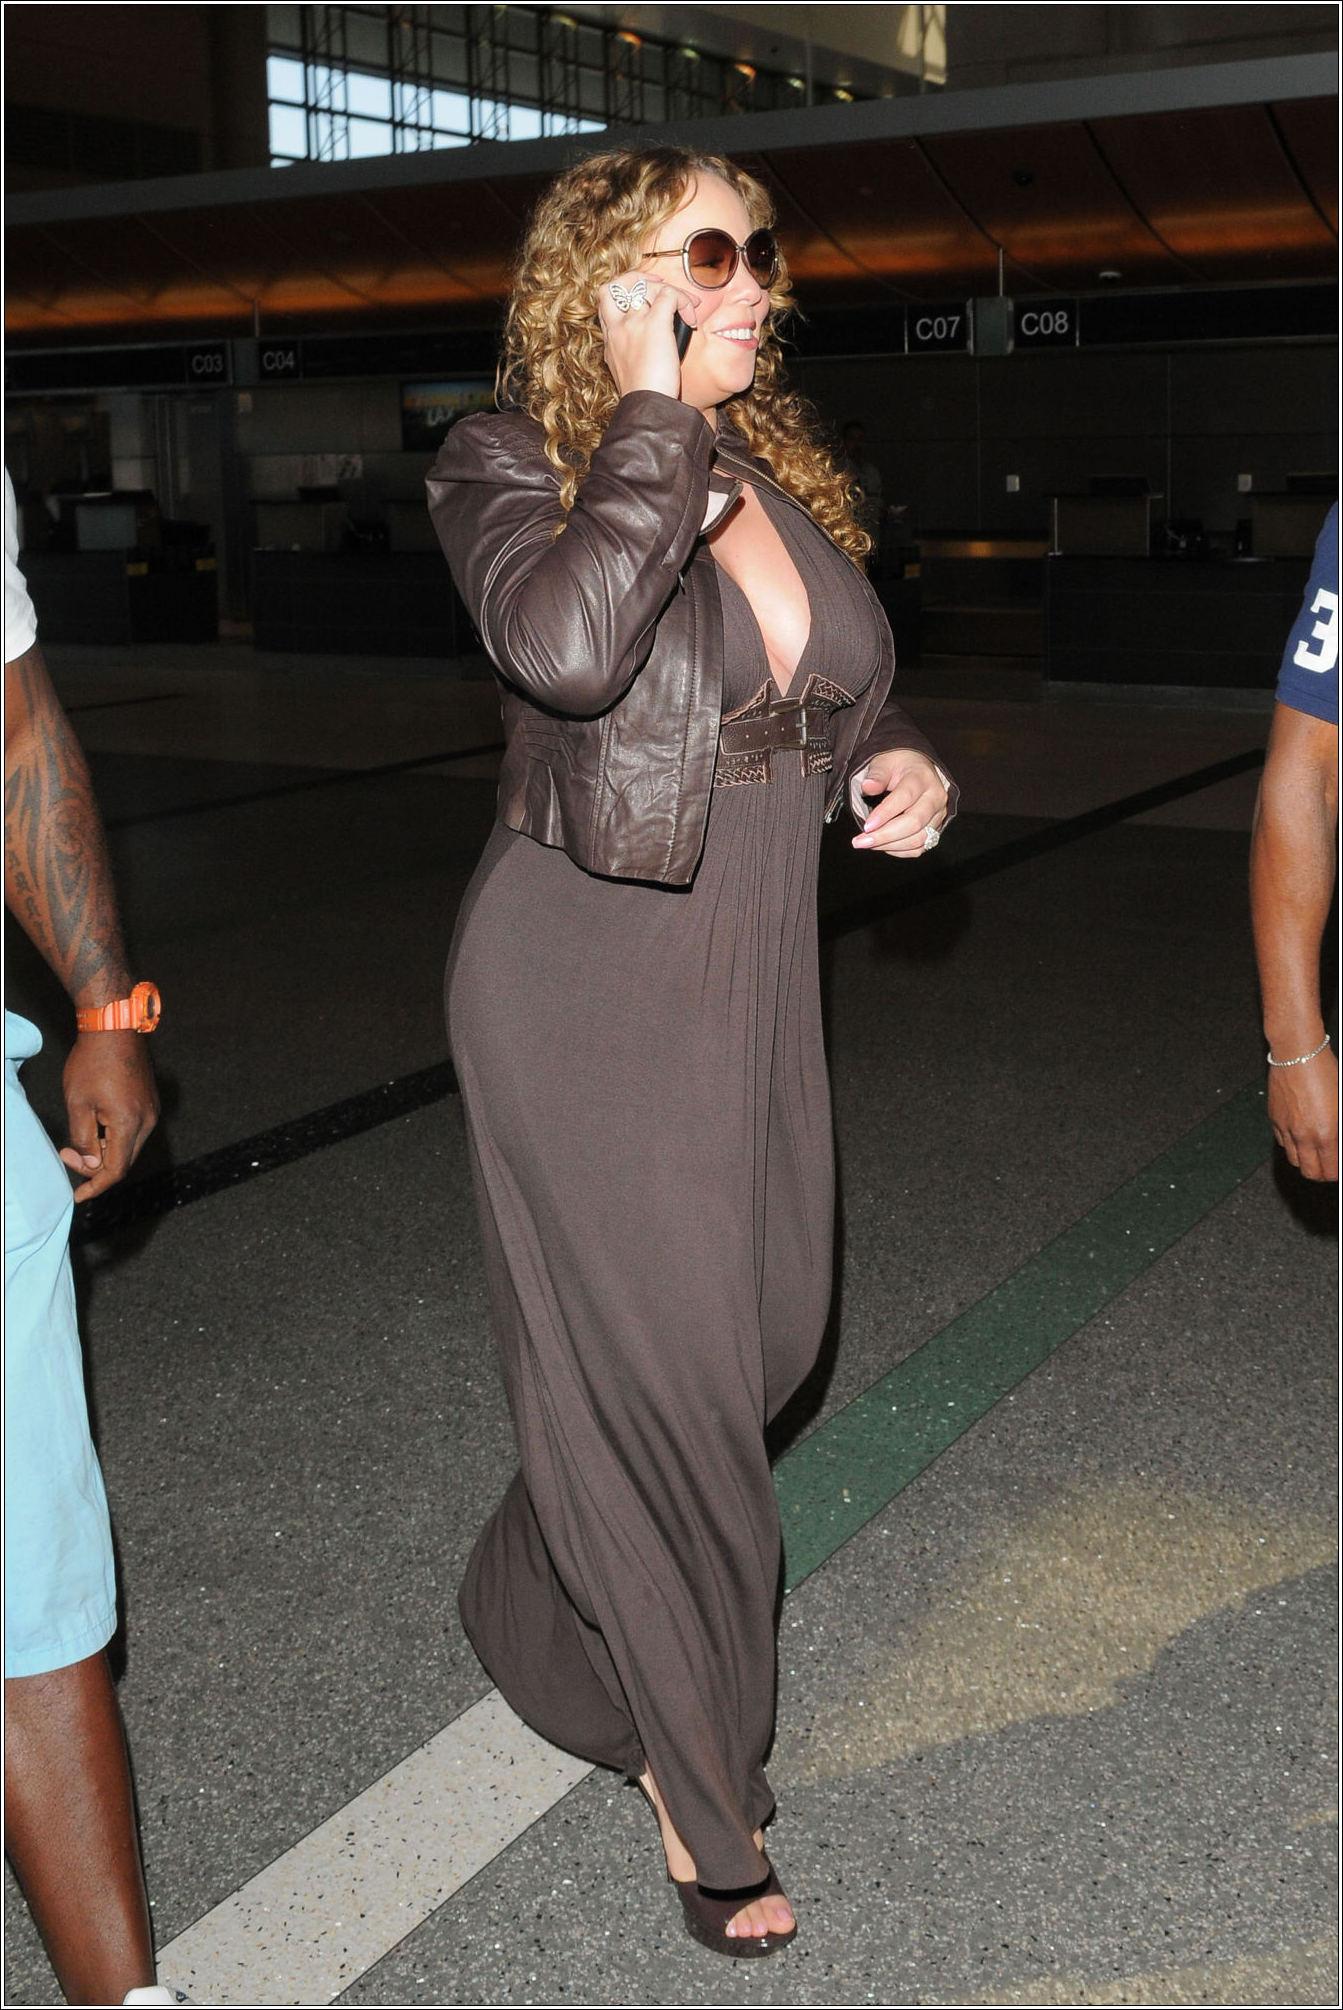 mariah Hot Shots: Mariah Carey At LAX